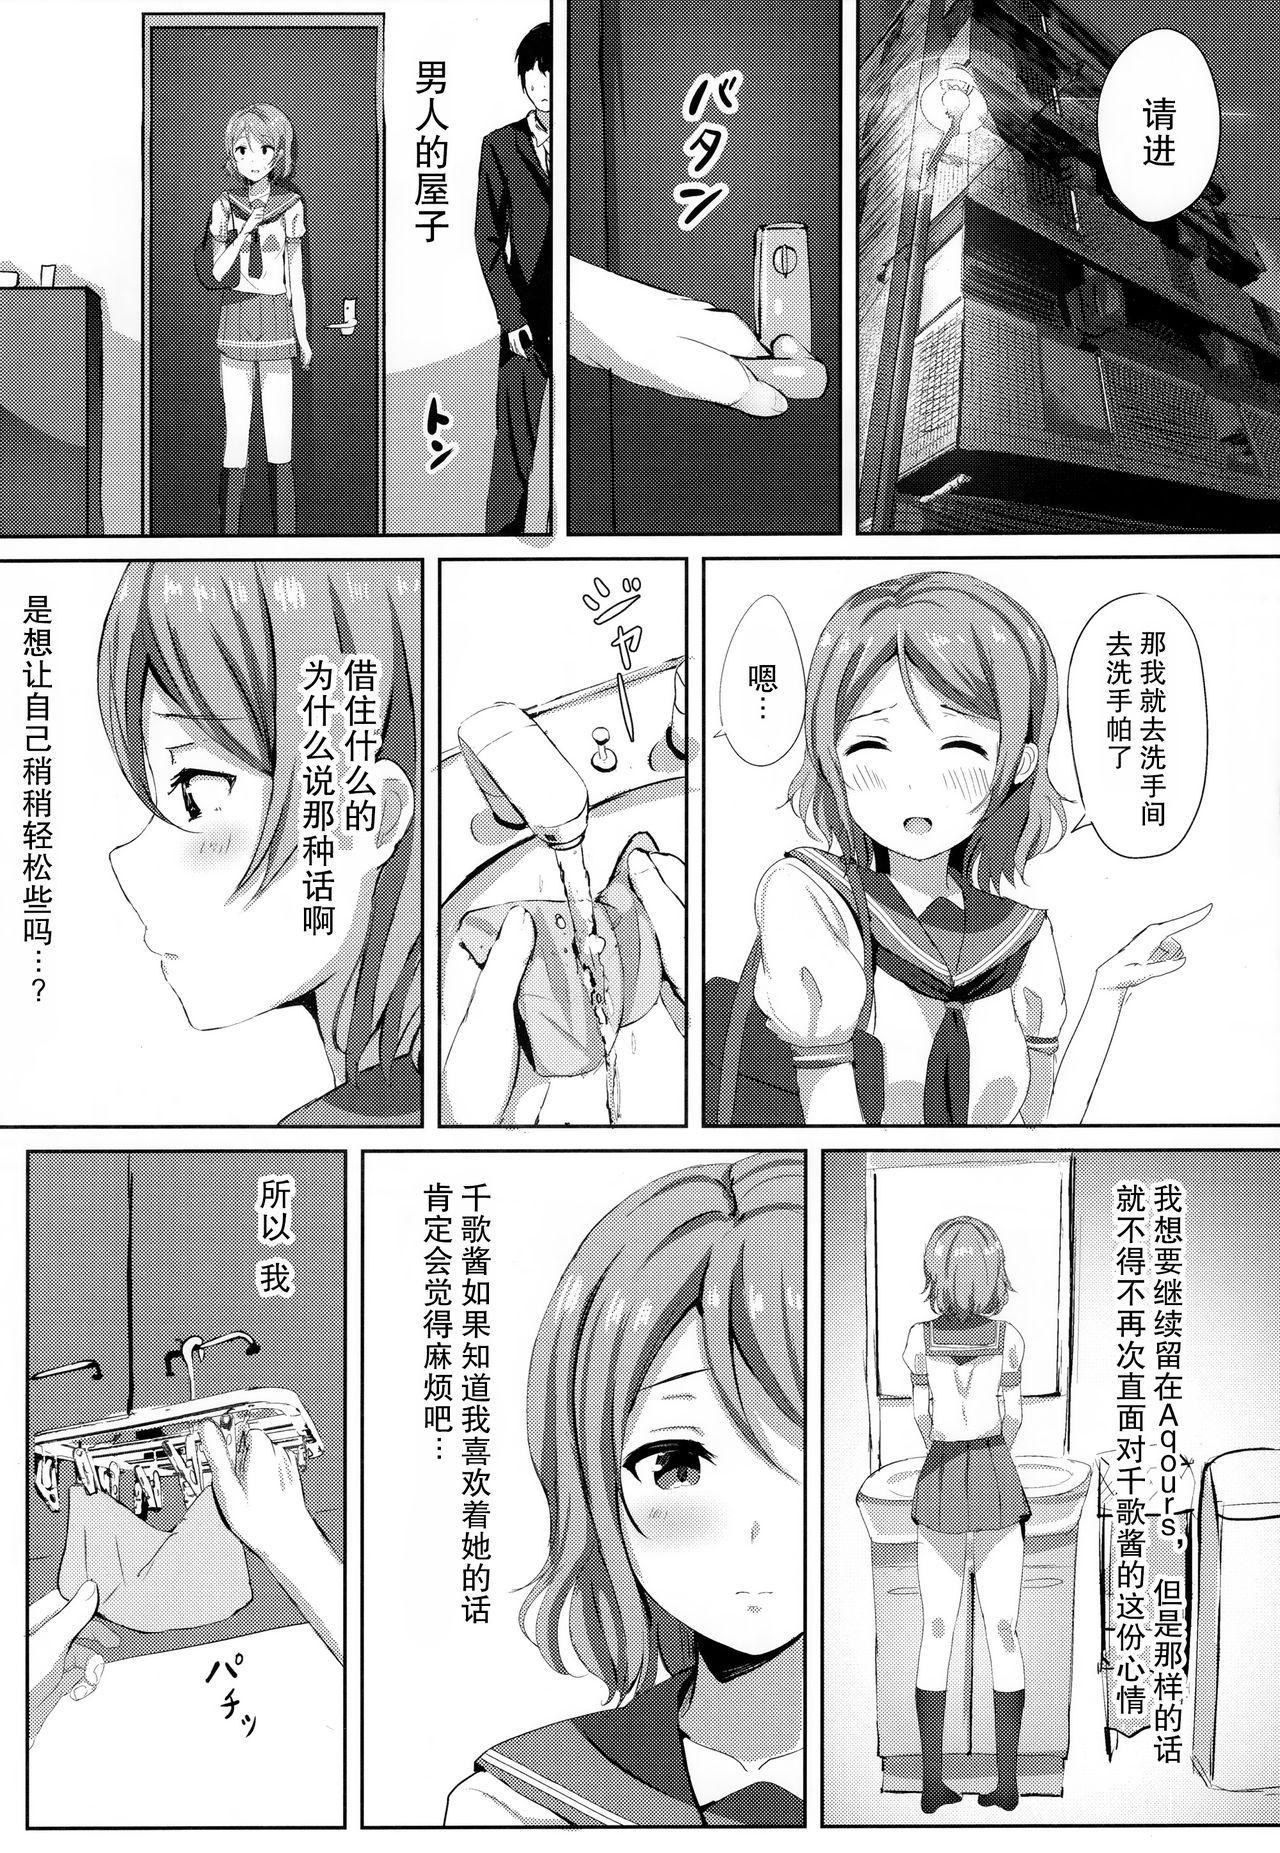 Ichiya no shitto youbi 10